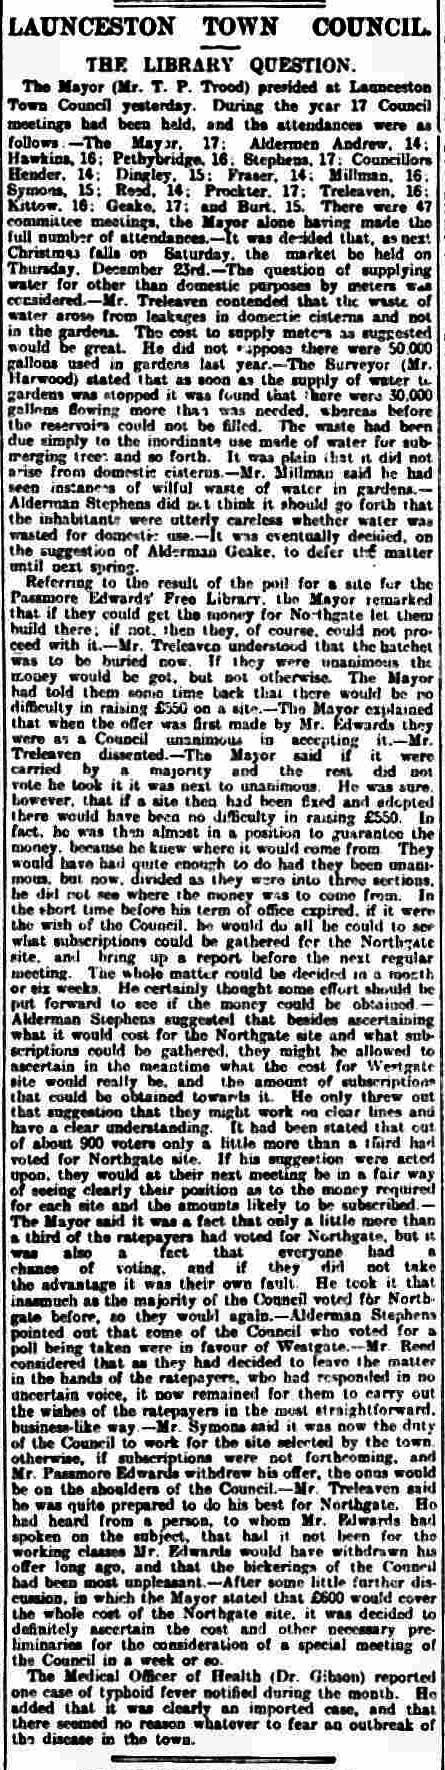 12 October 1897